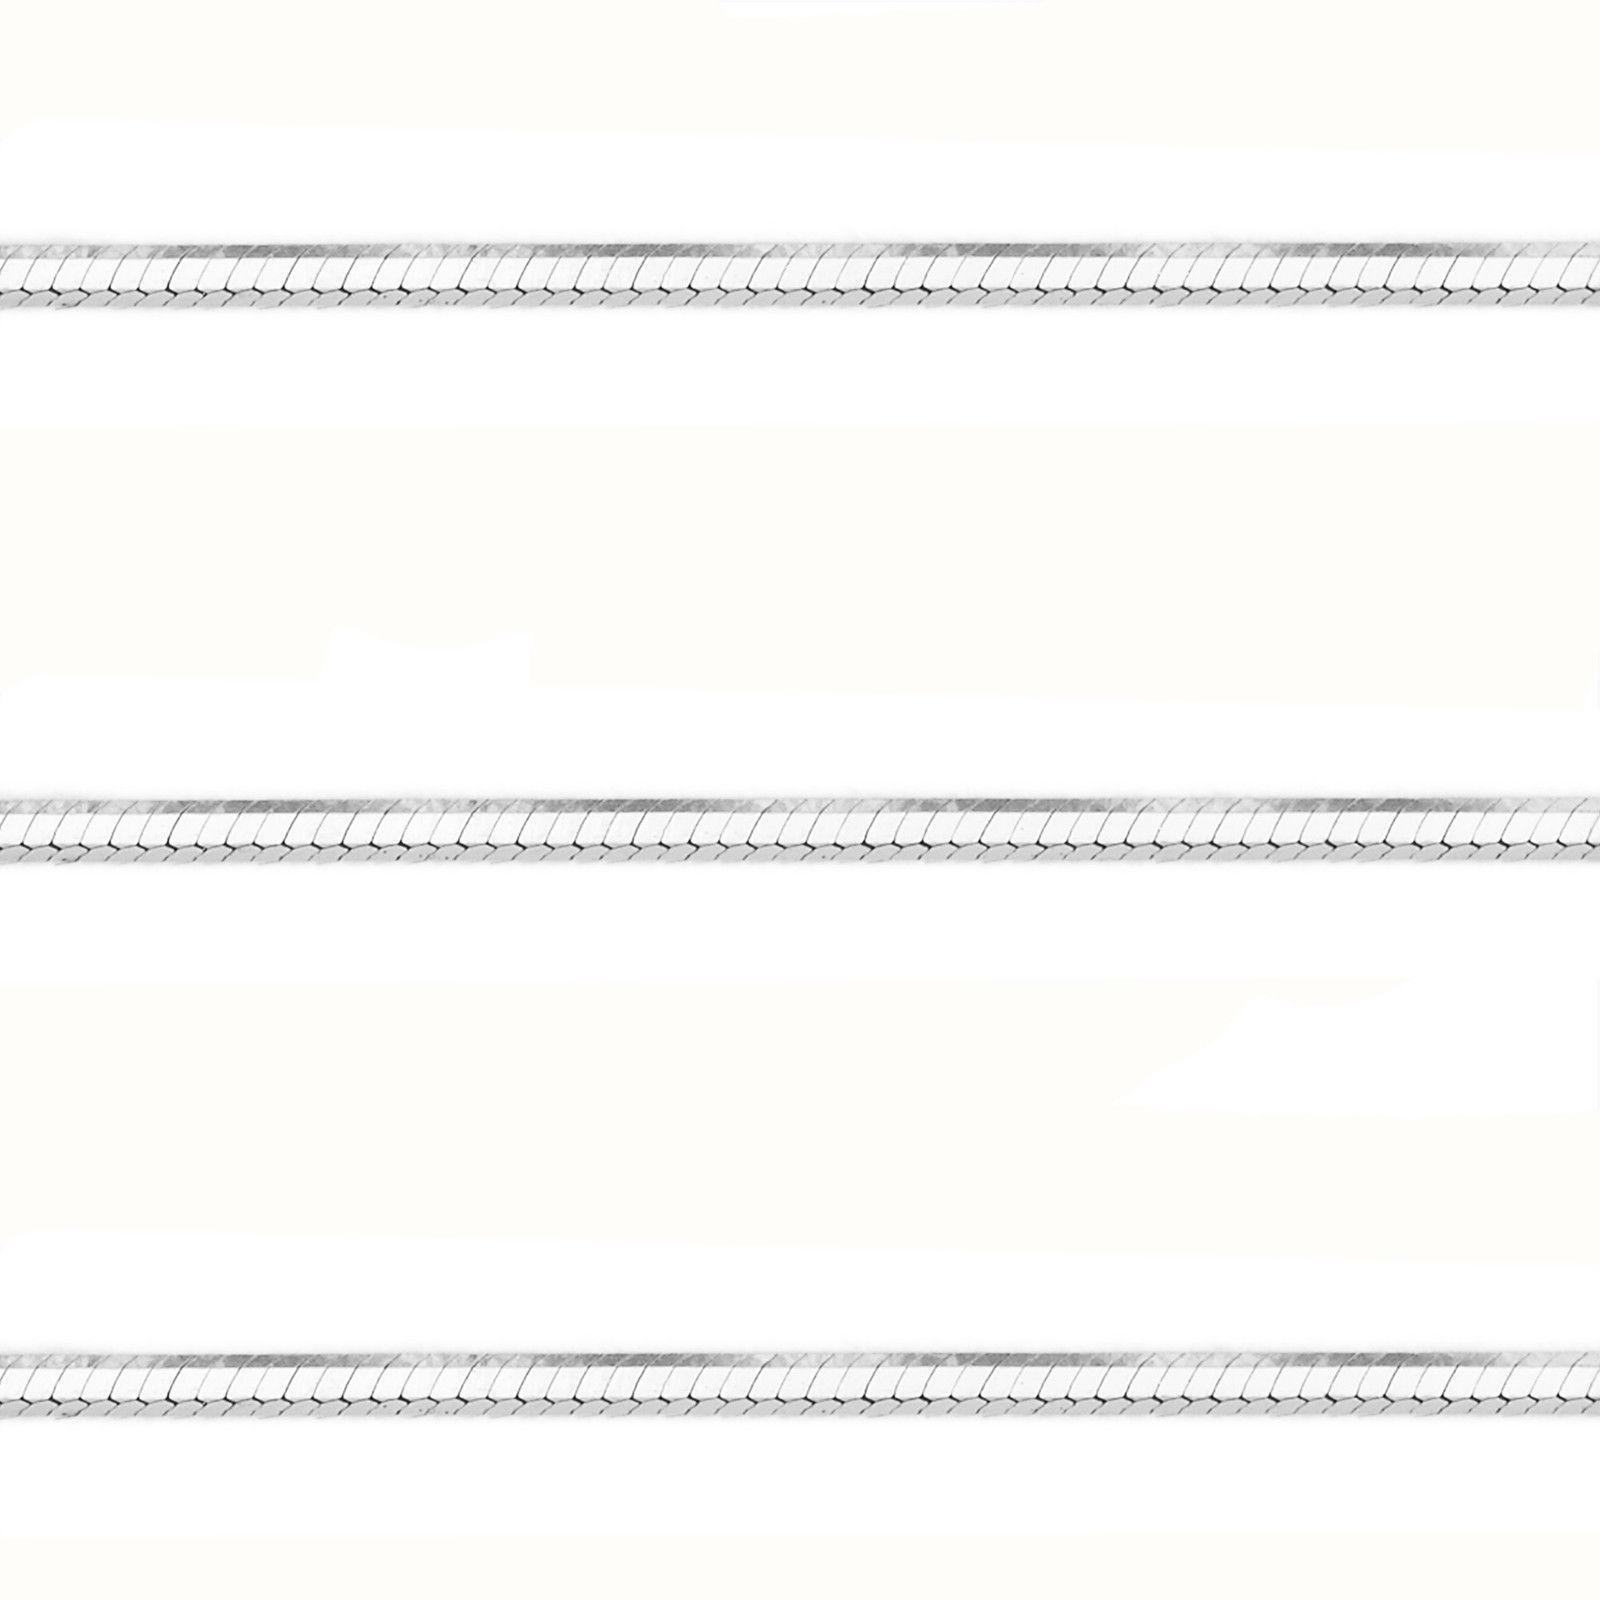 1.1mm Men/Women's Stylish 14K WGP 925 Silver Snake Link Italian Chain Necklace